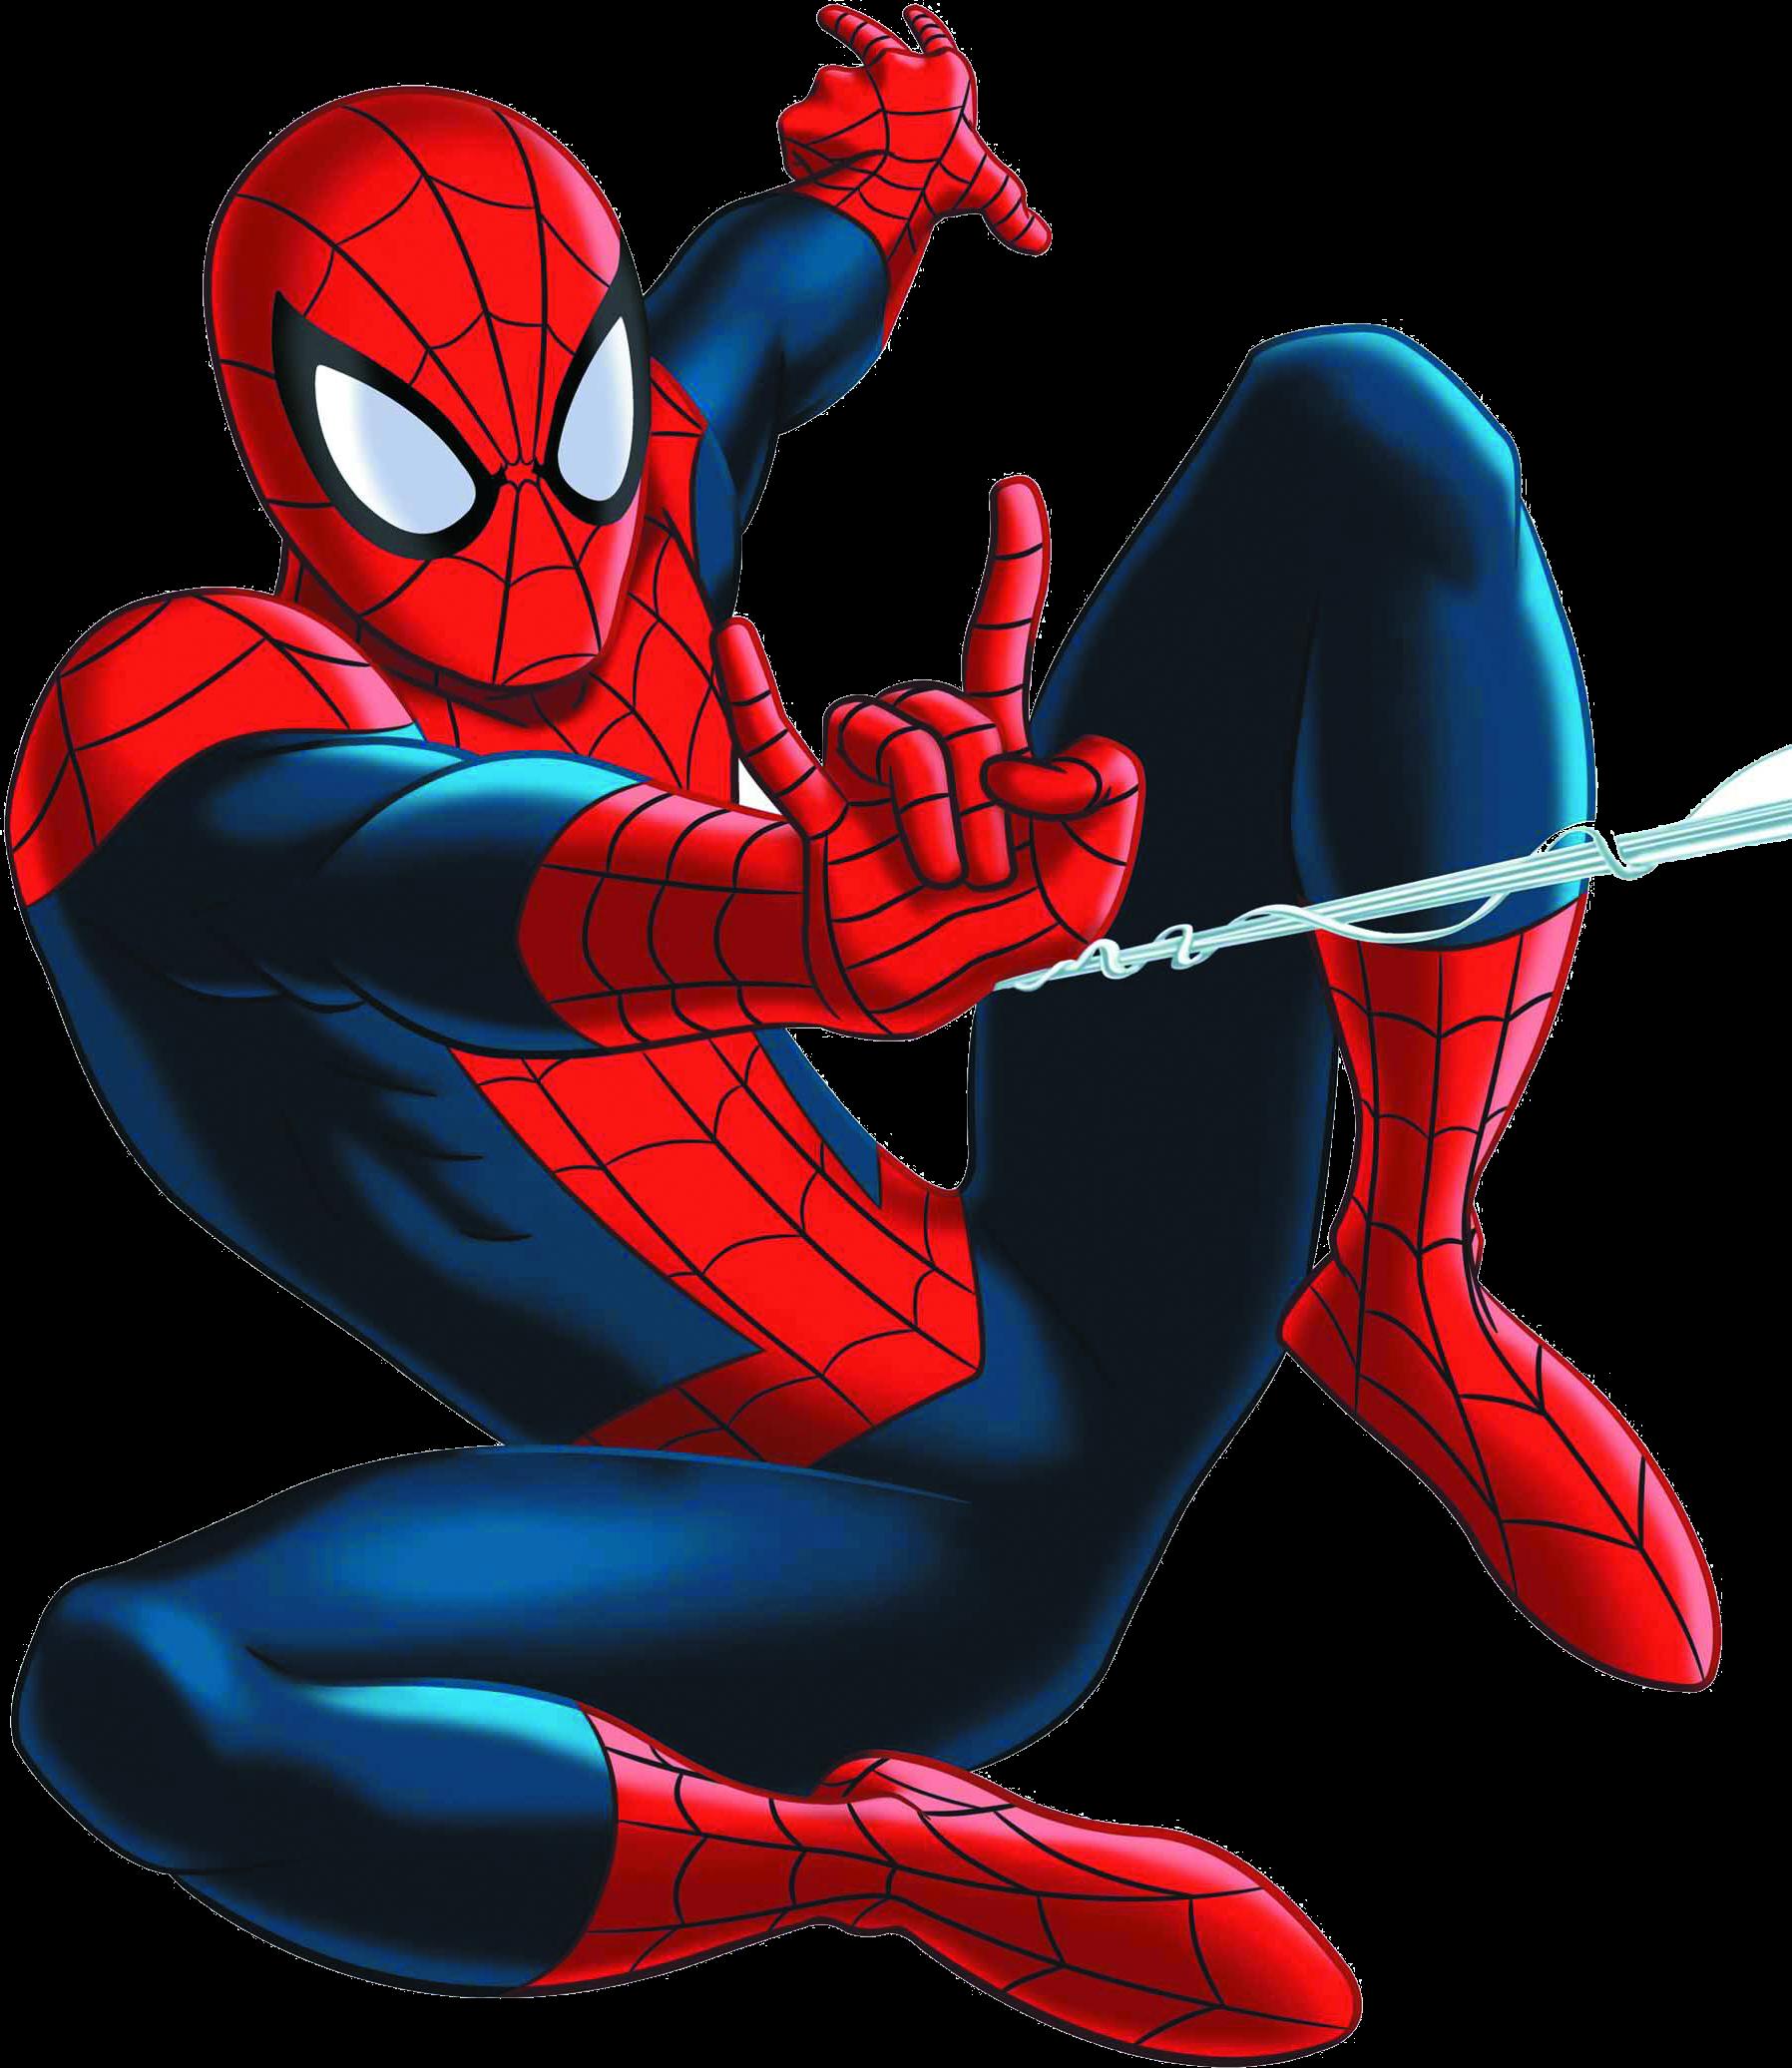 Spider-Man PNG - Spider-Man PNG